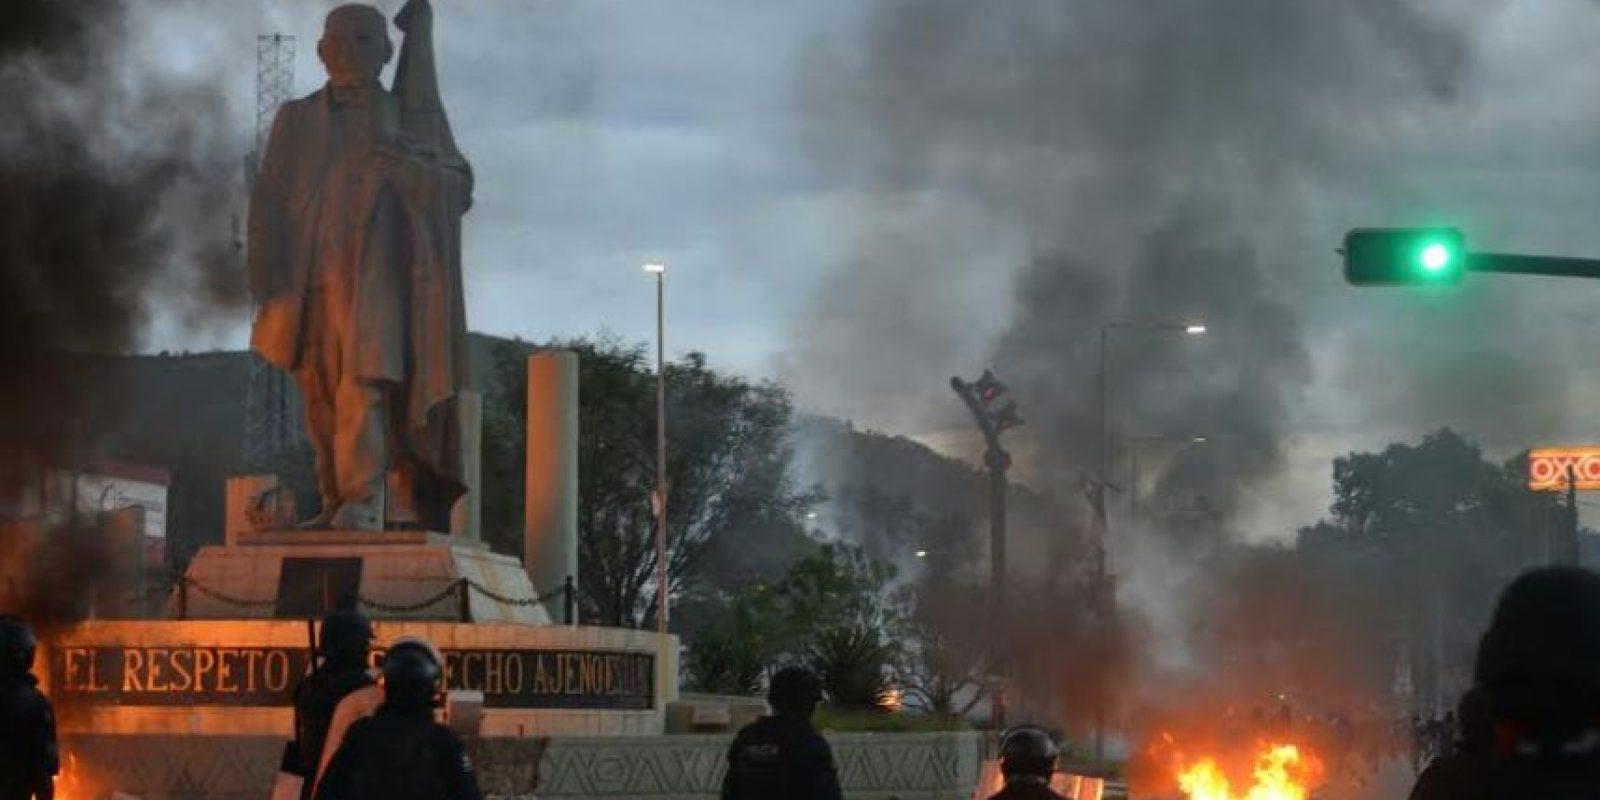 El objetivo era garantizar la libre circulación. Foto:Darío Nolasco / ADN Sureste